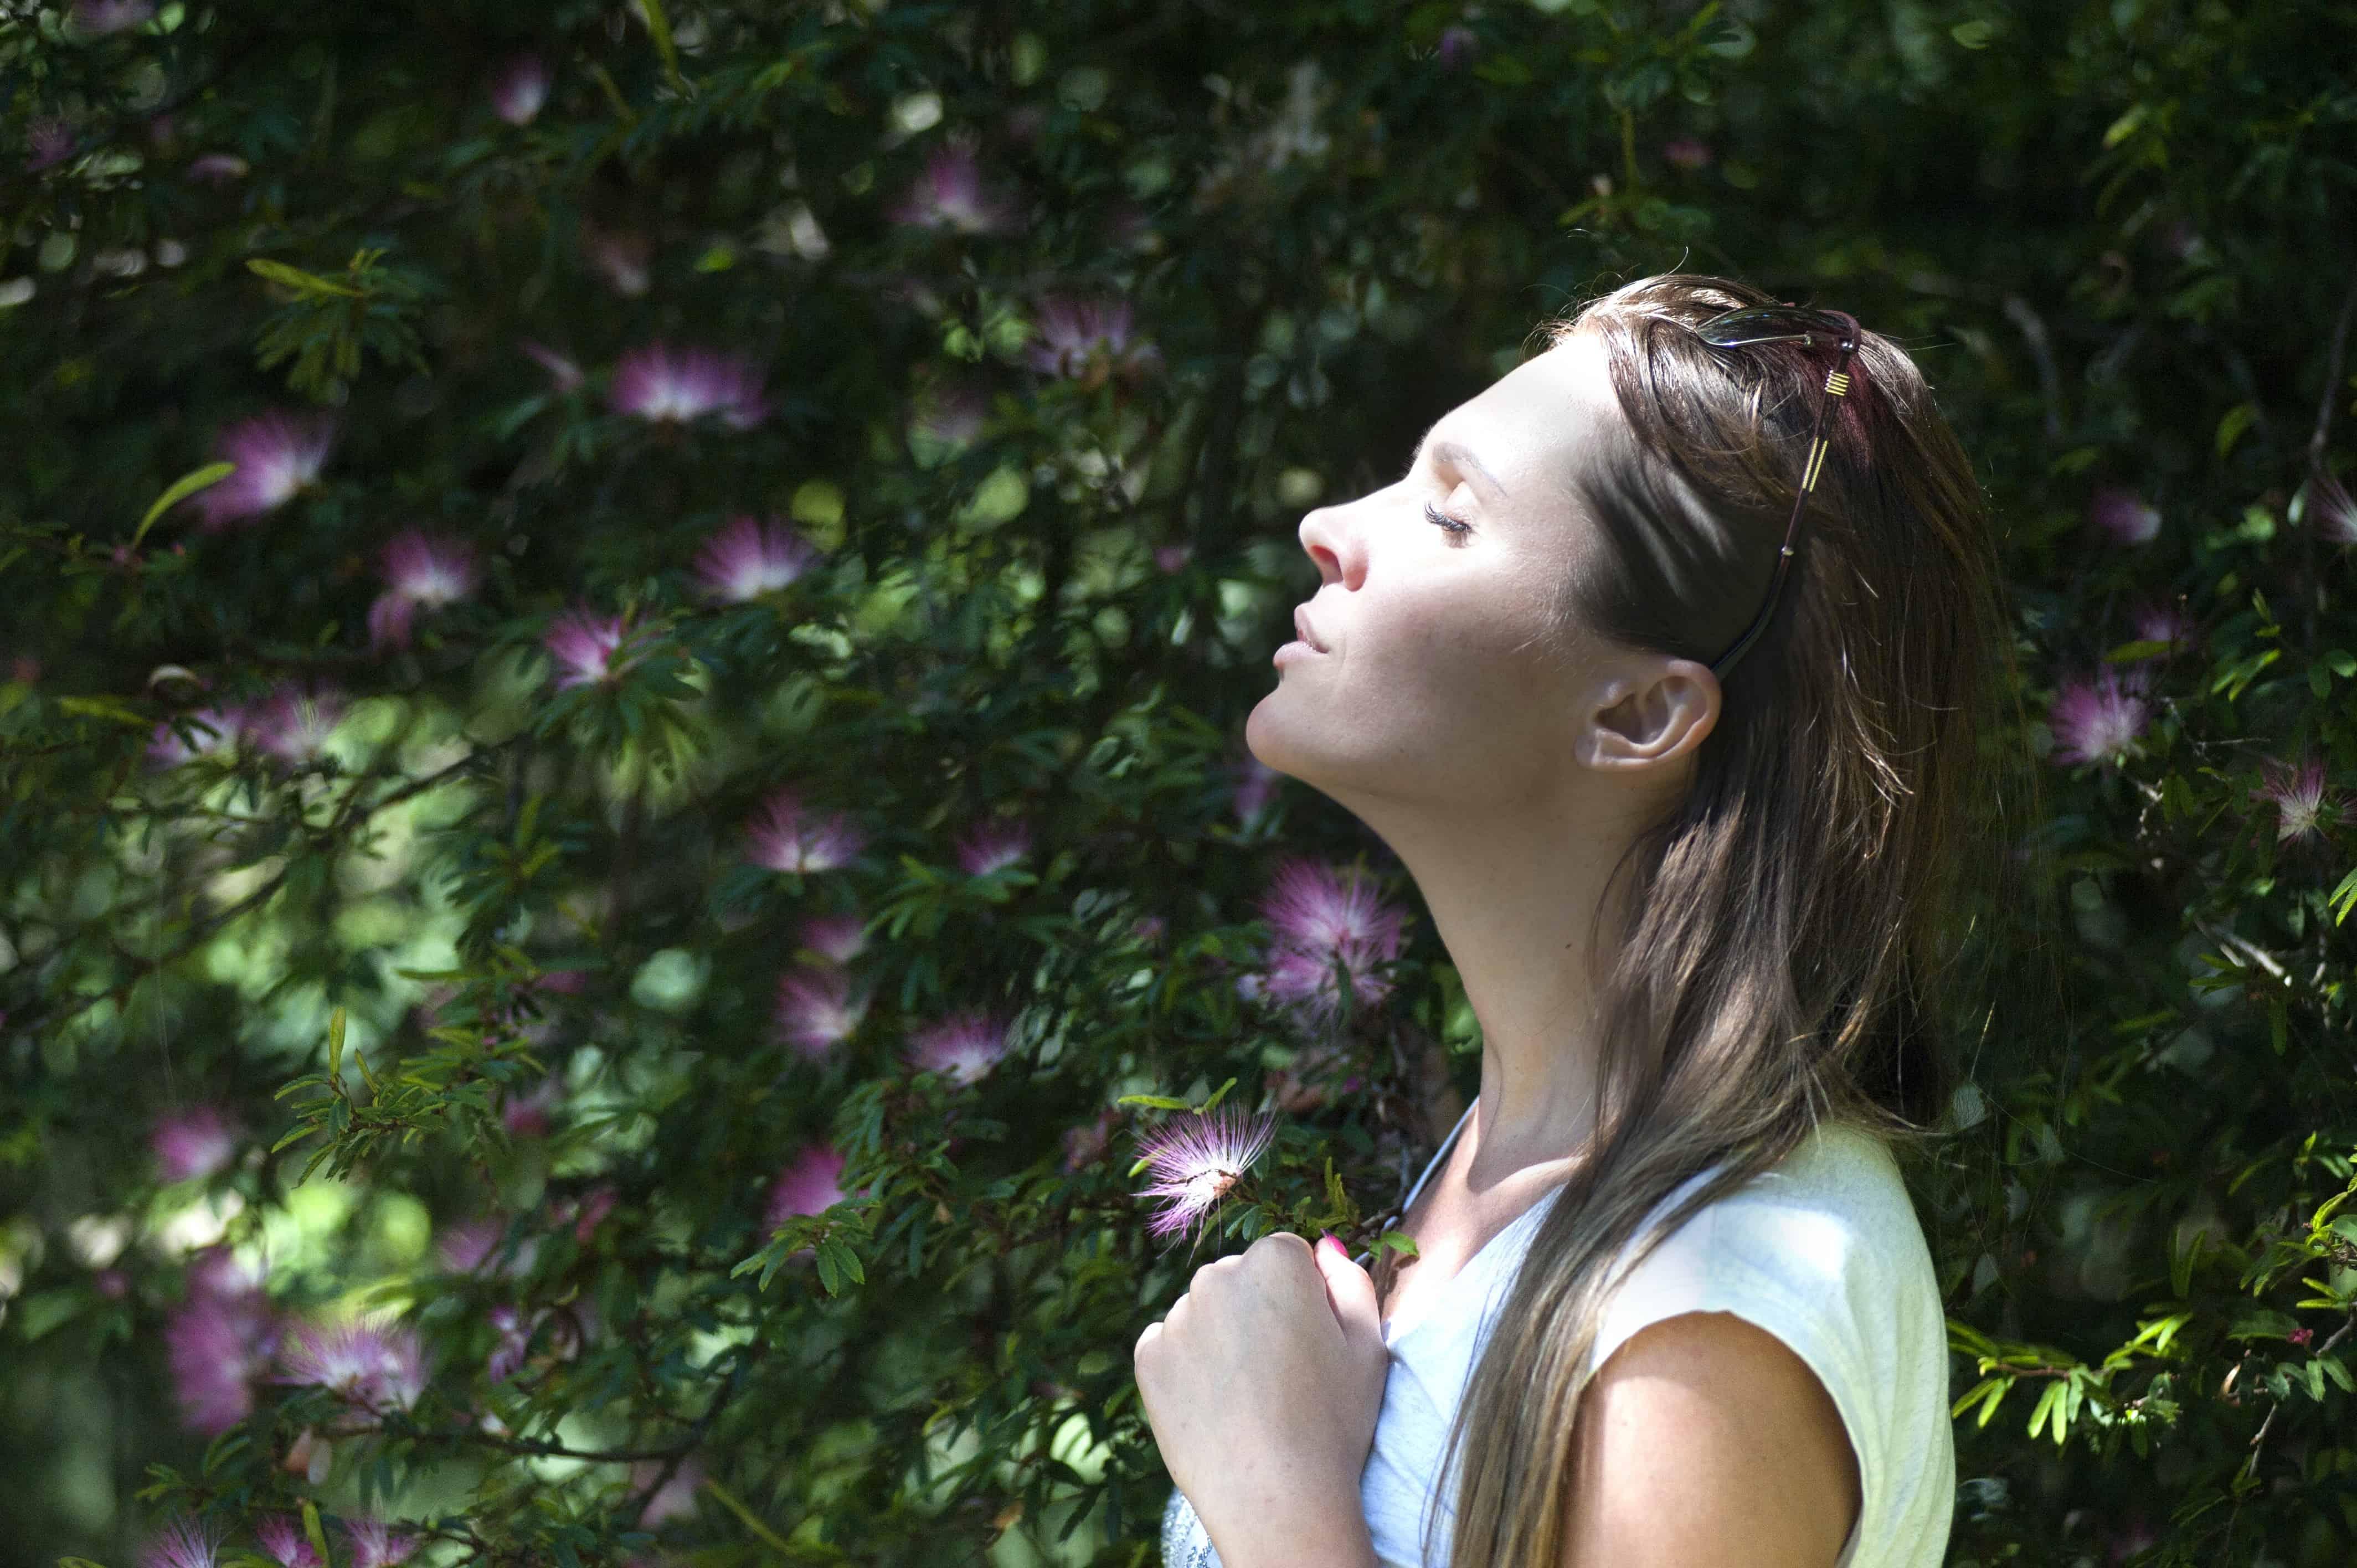 femme aux yeux fermés face au soleil debout dans le jardin